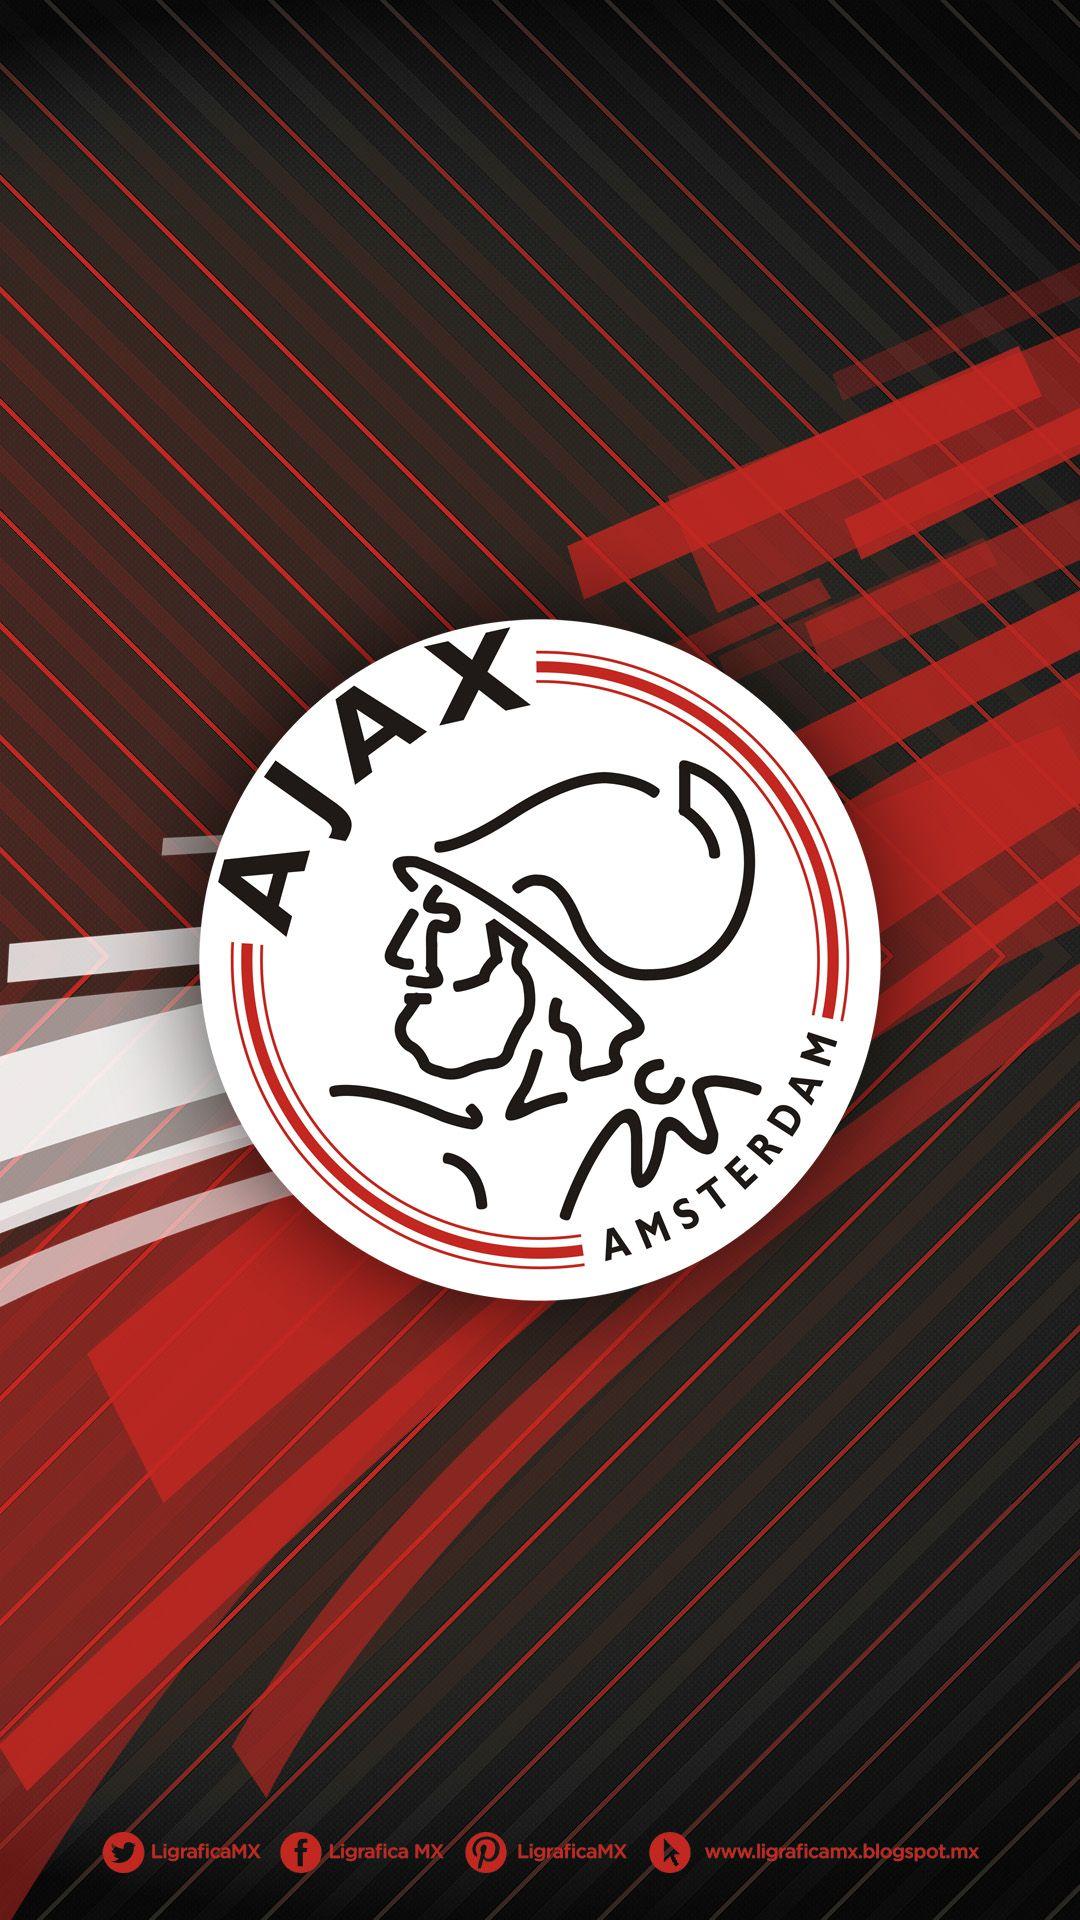 Ajax Ligraficamx 160214ctg 1 Voetbal Posters Voetbal Achtergronden